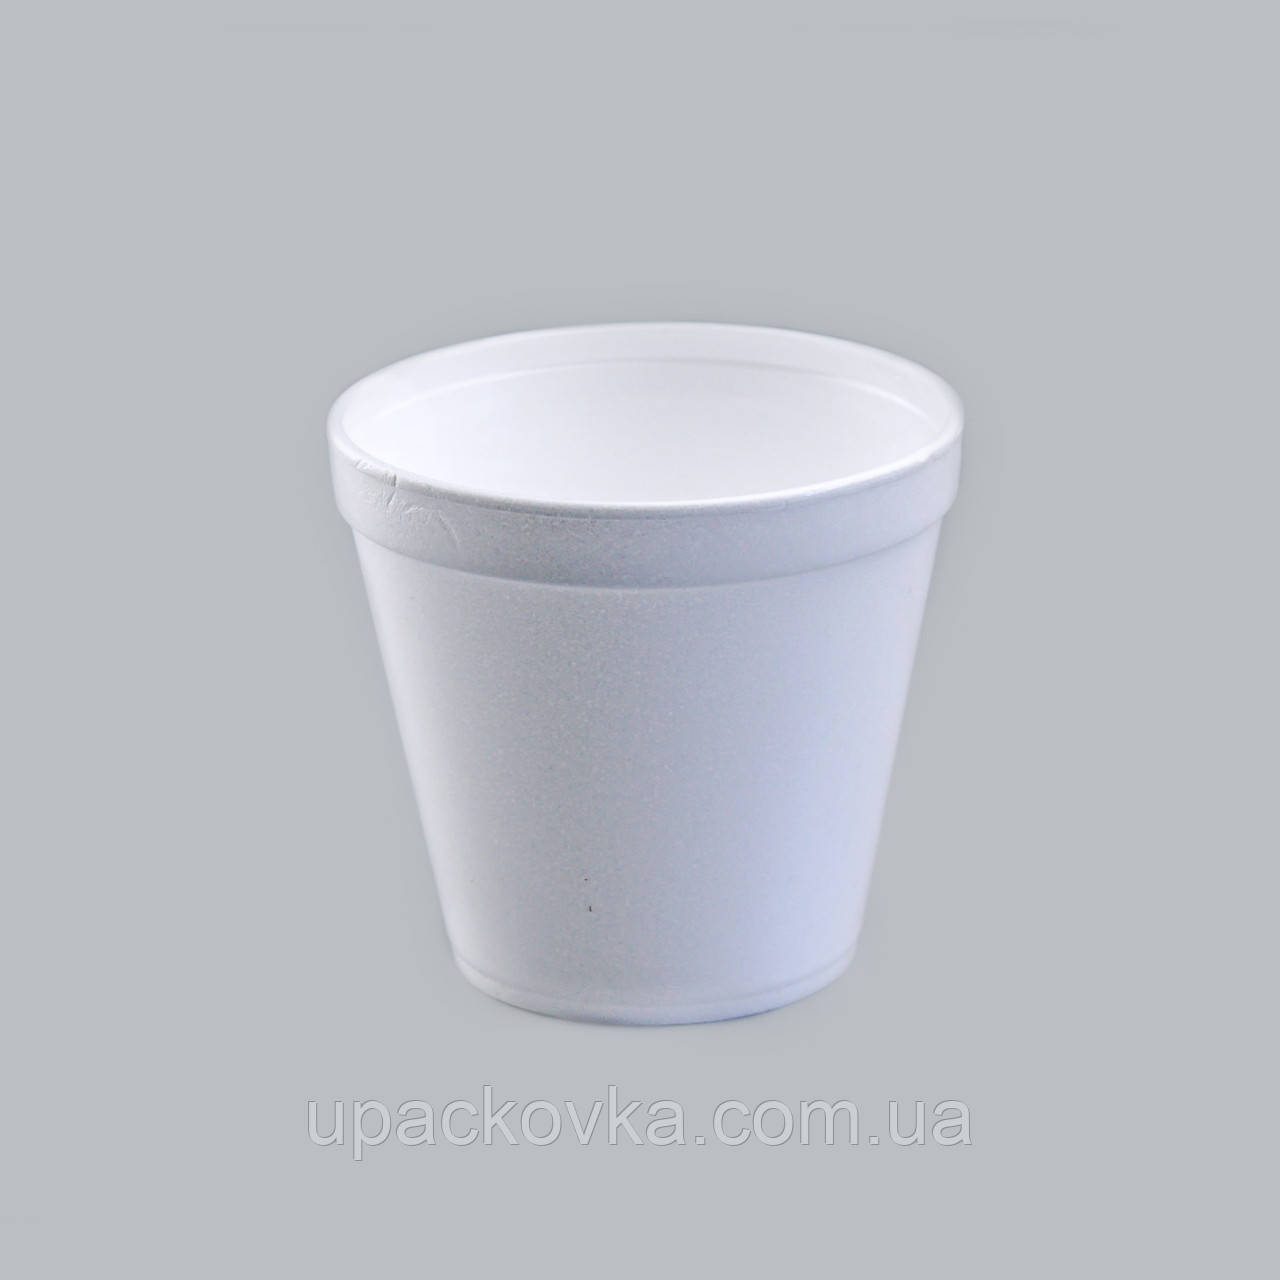 Емкость супная из вспененного полистирола с крышкой, 570 мл